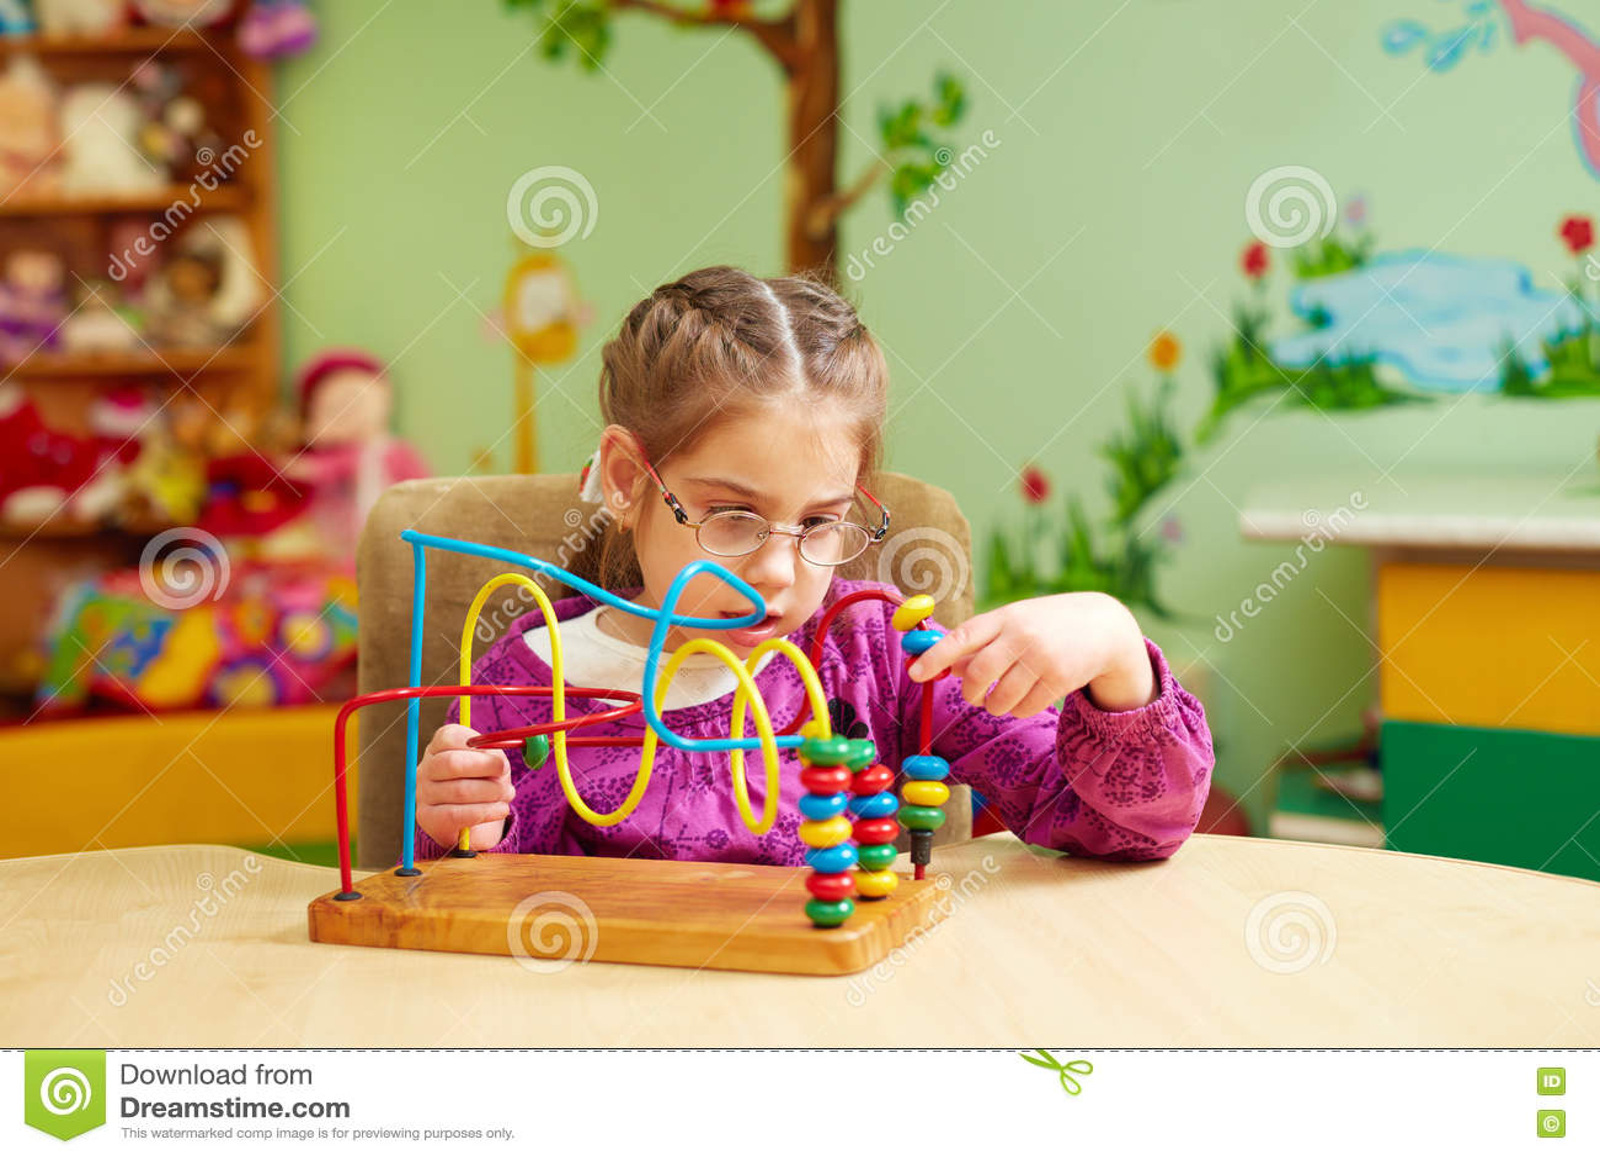 Niña linda que juega con el juguete que se convierte en la guardería para los niños con necesidades especiales